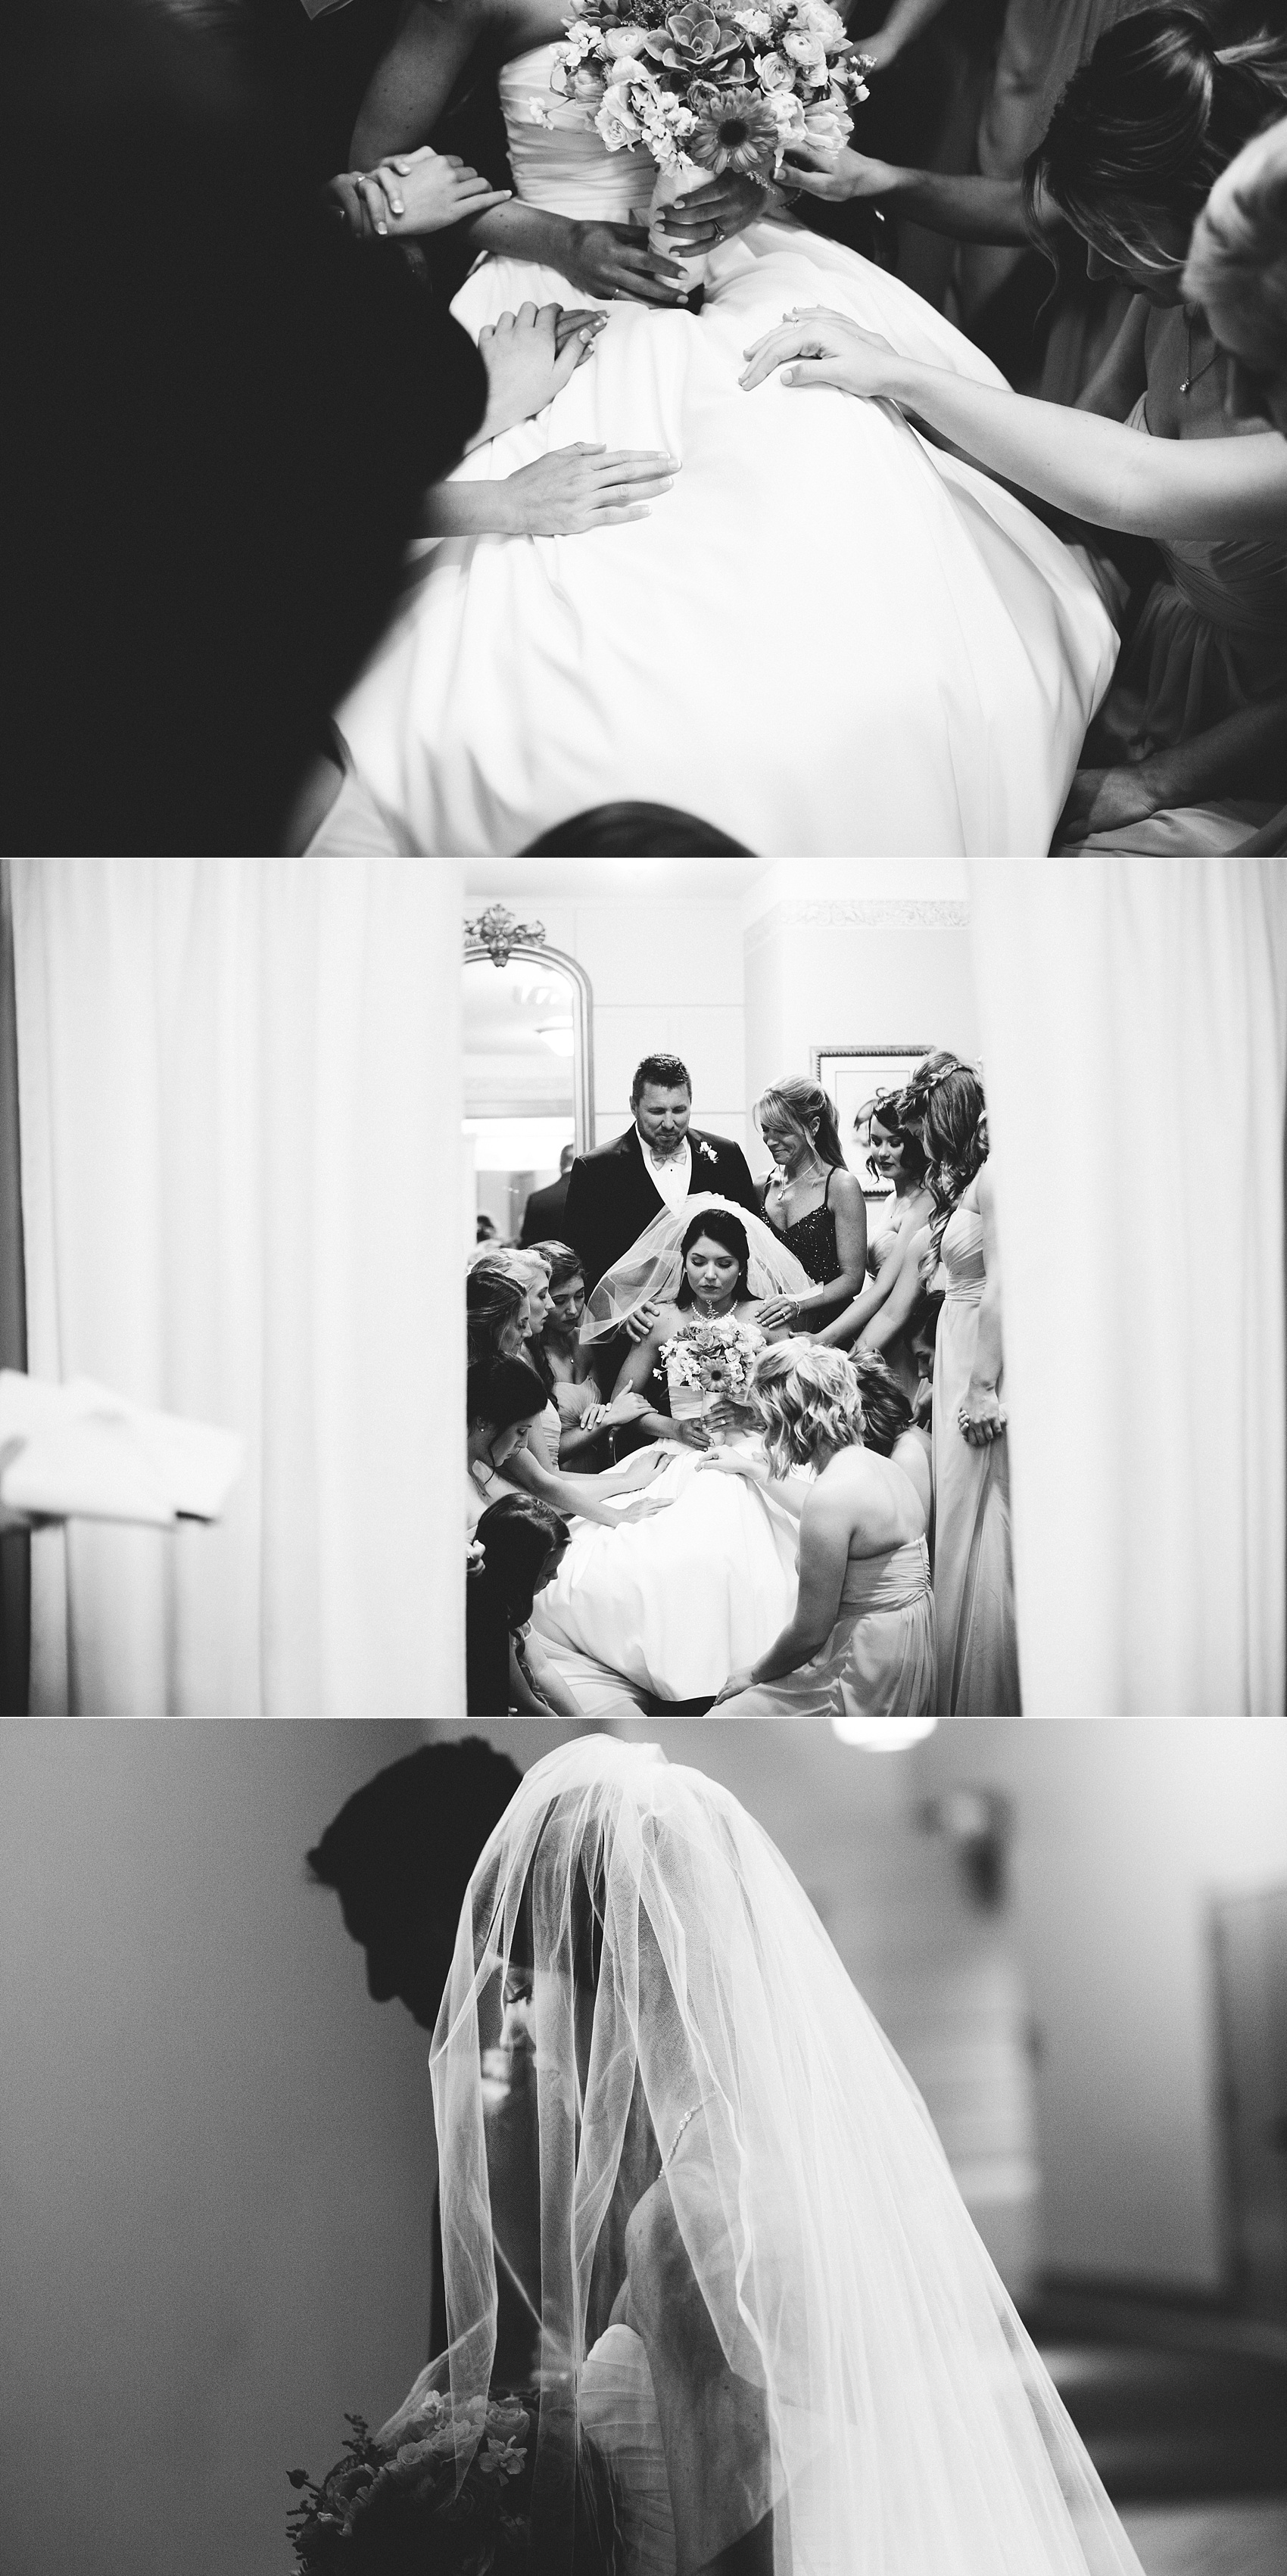 tampa wedding photographer luke haley-9